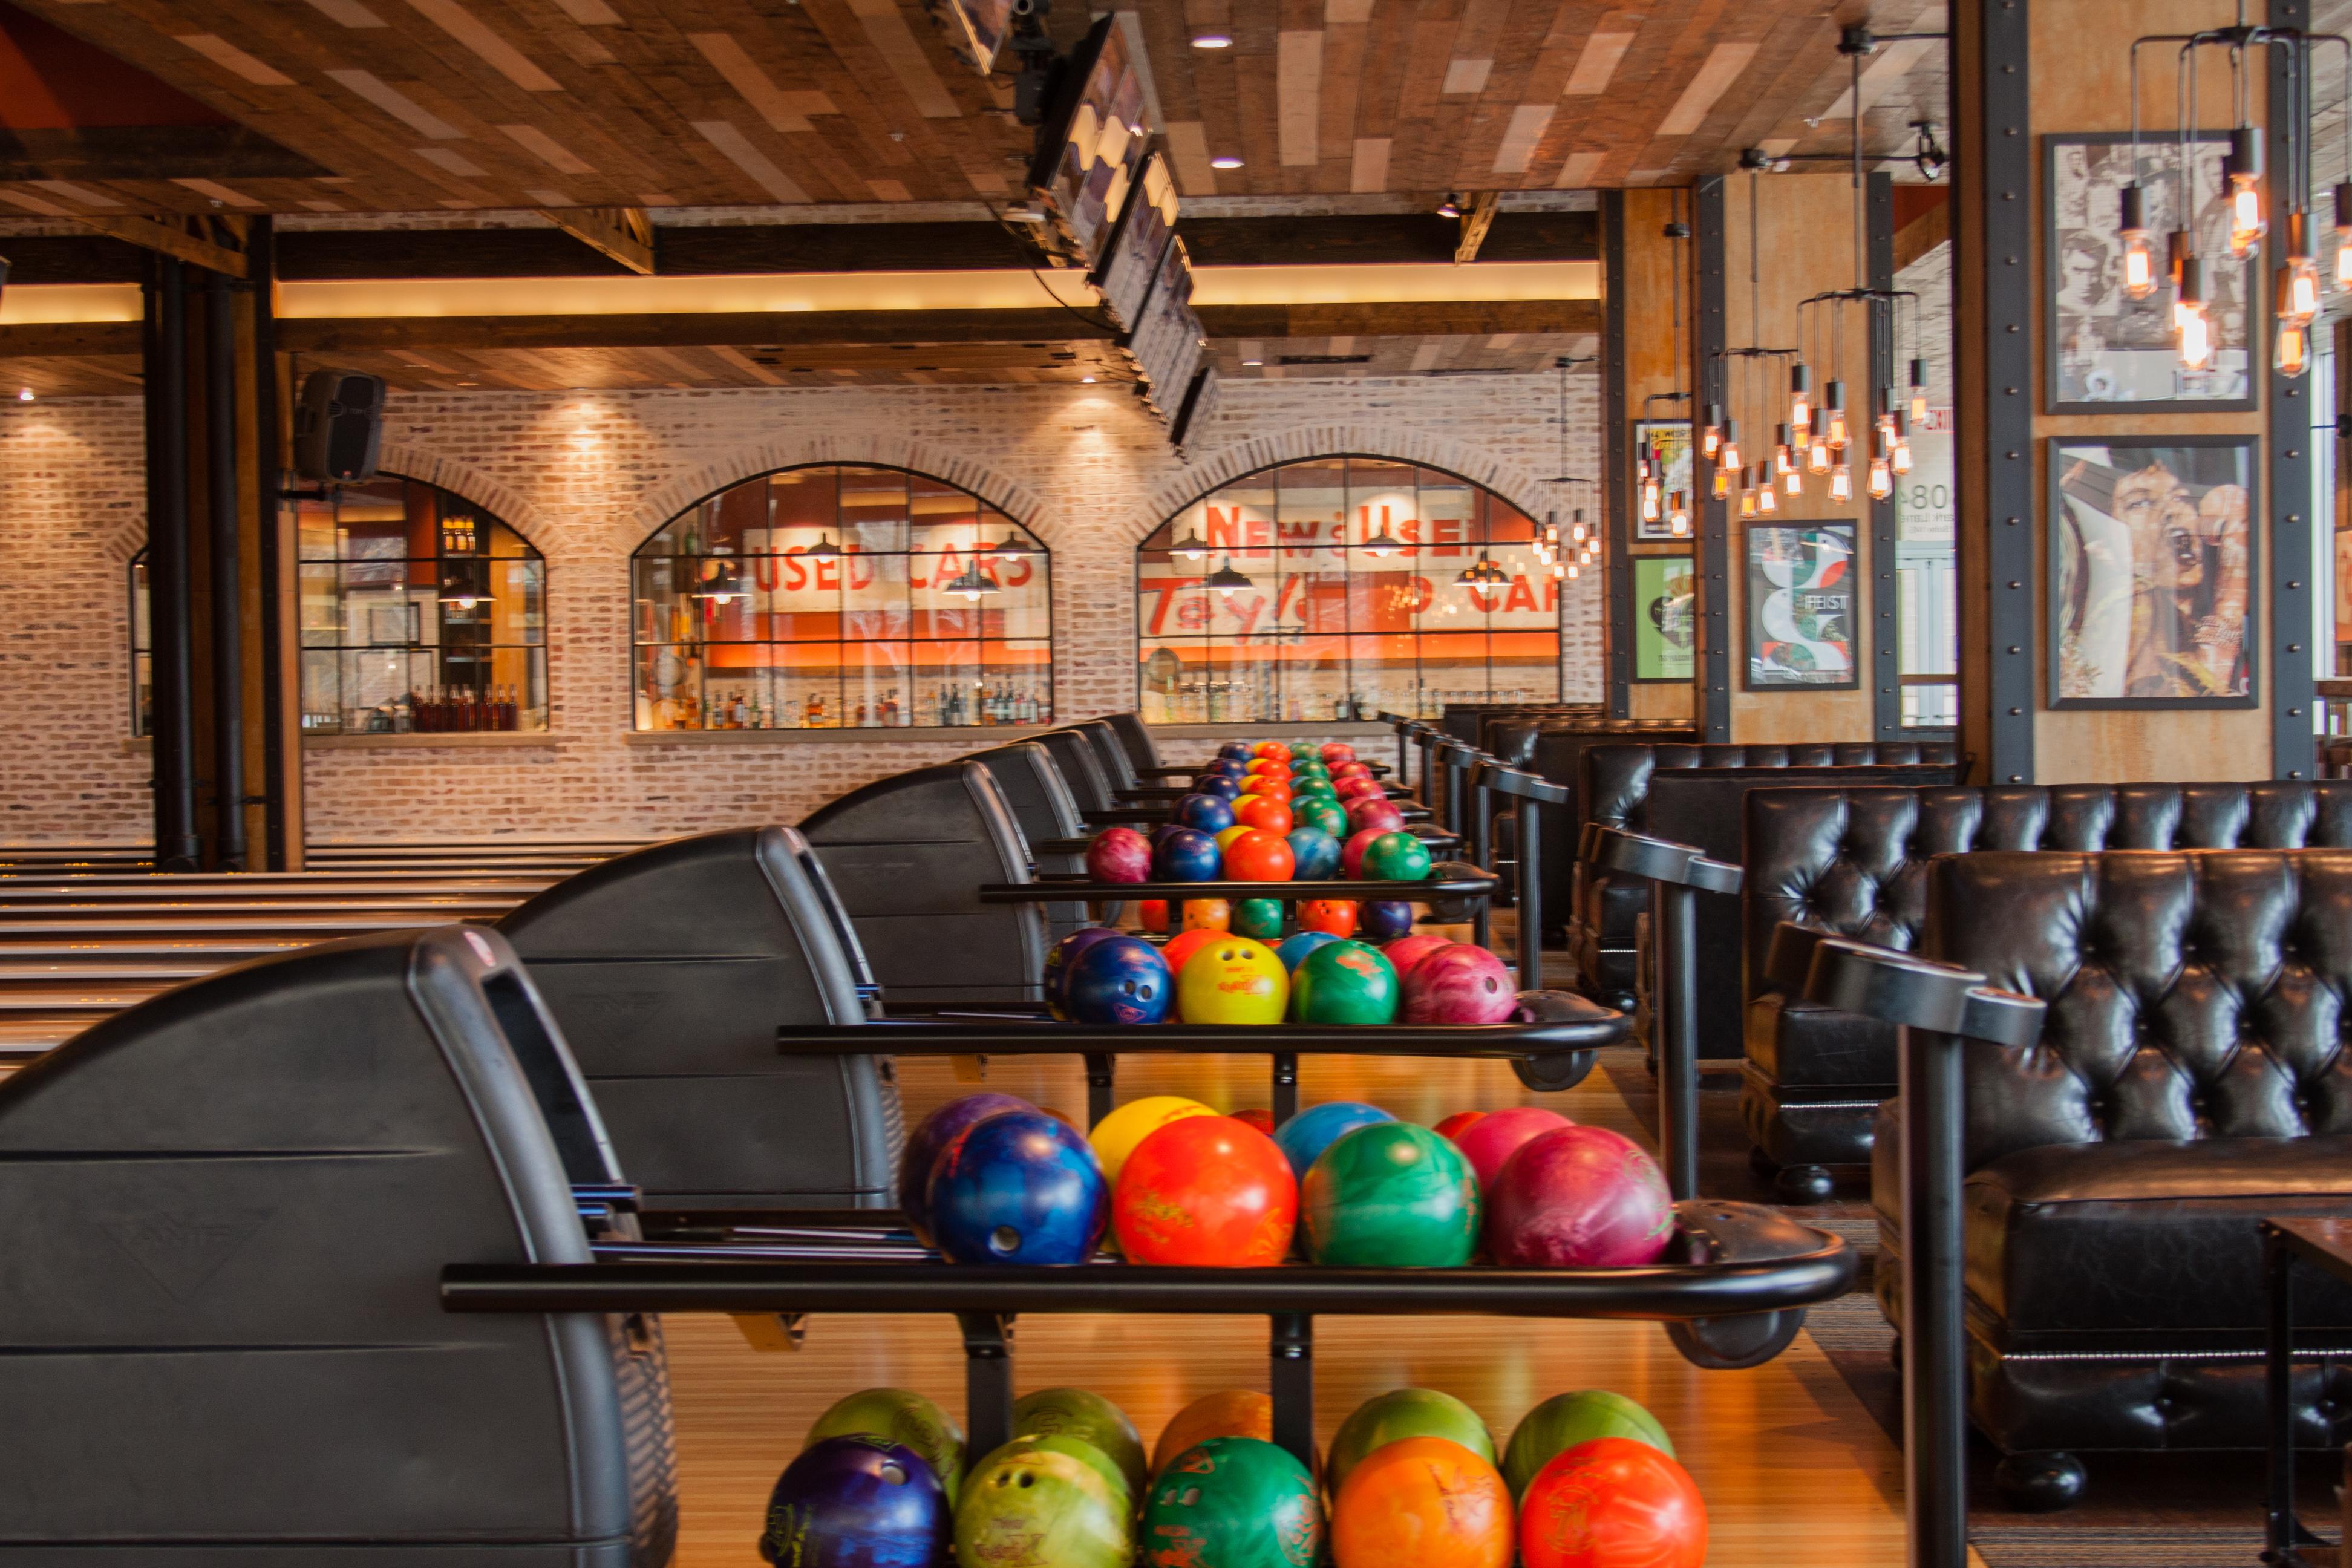 Bowl and Barrel Dallas via dallasfoodnerd.com